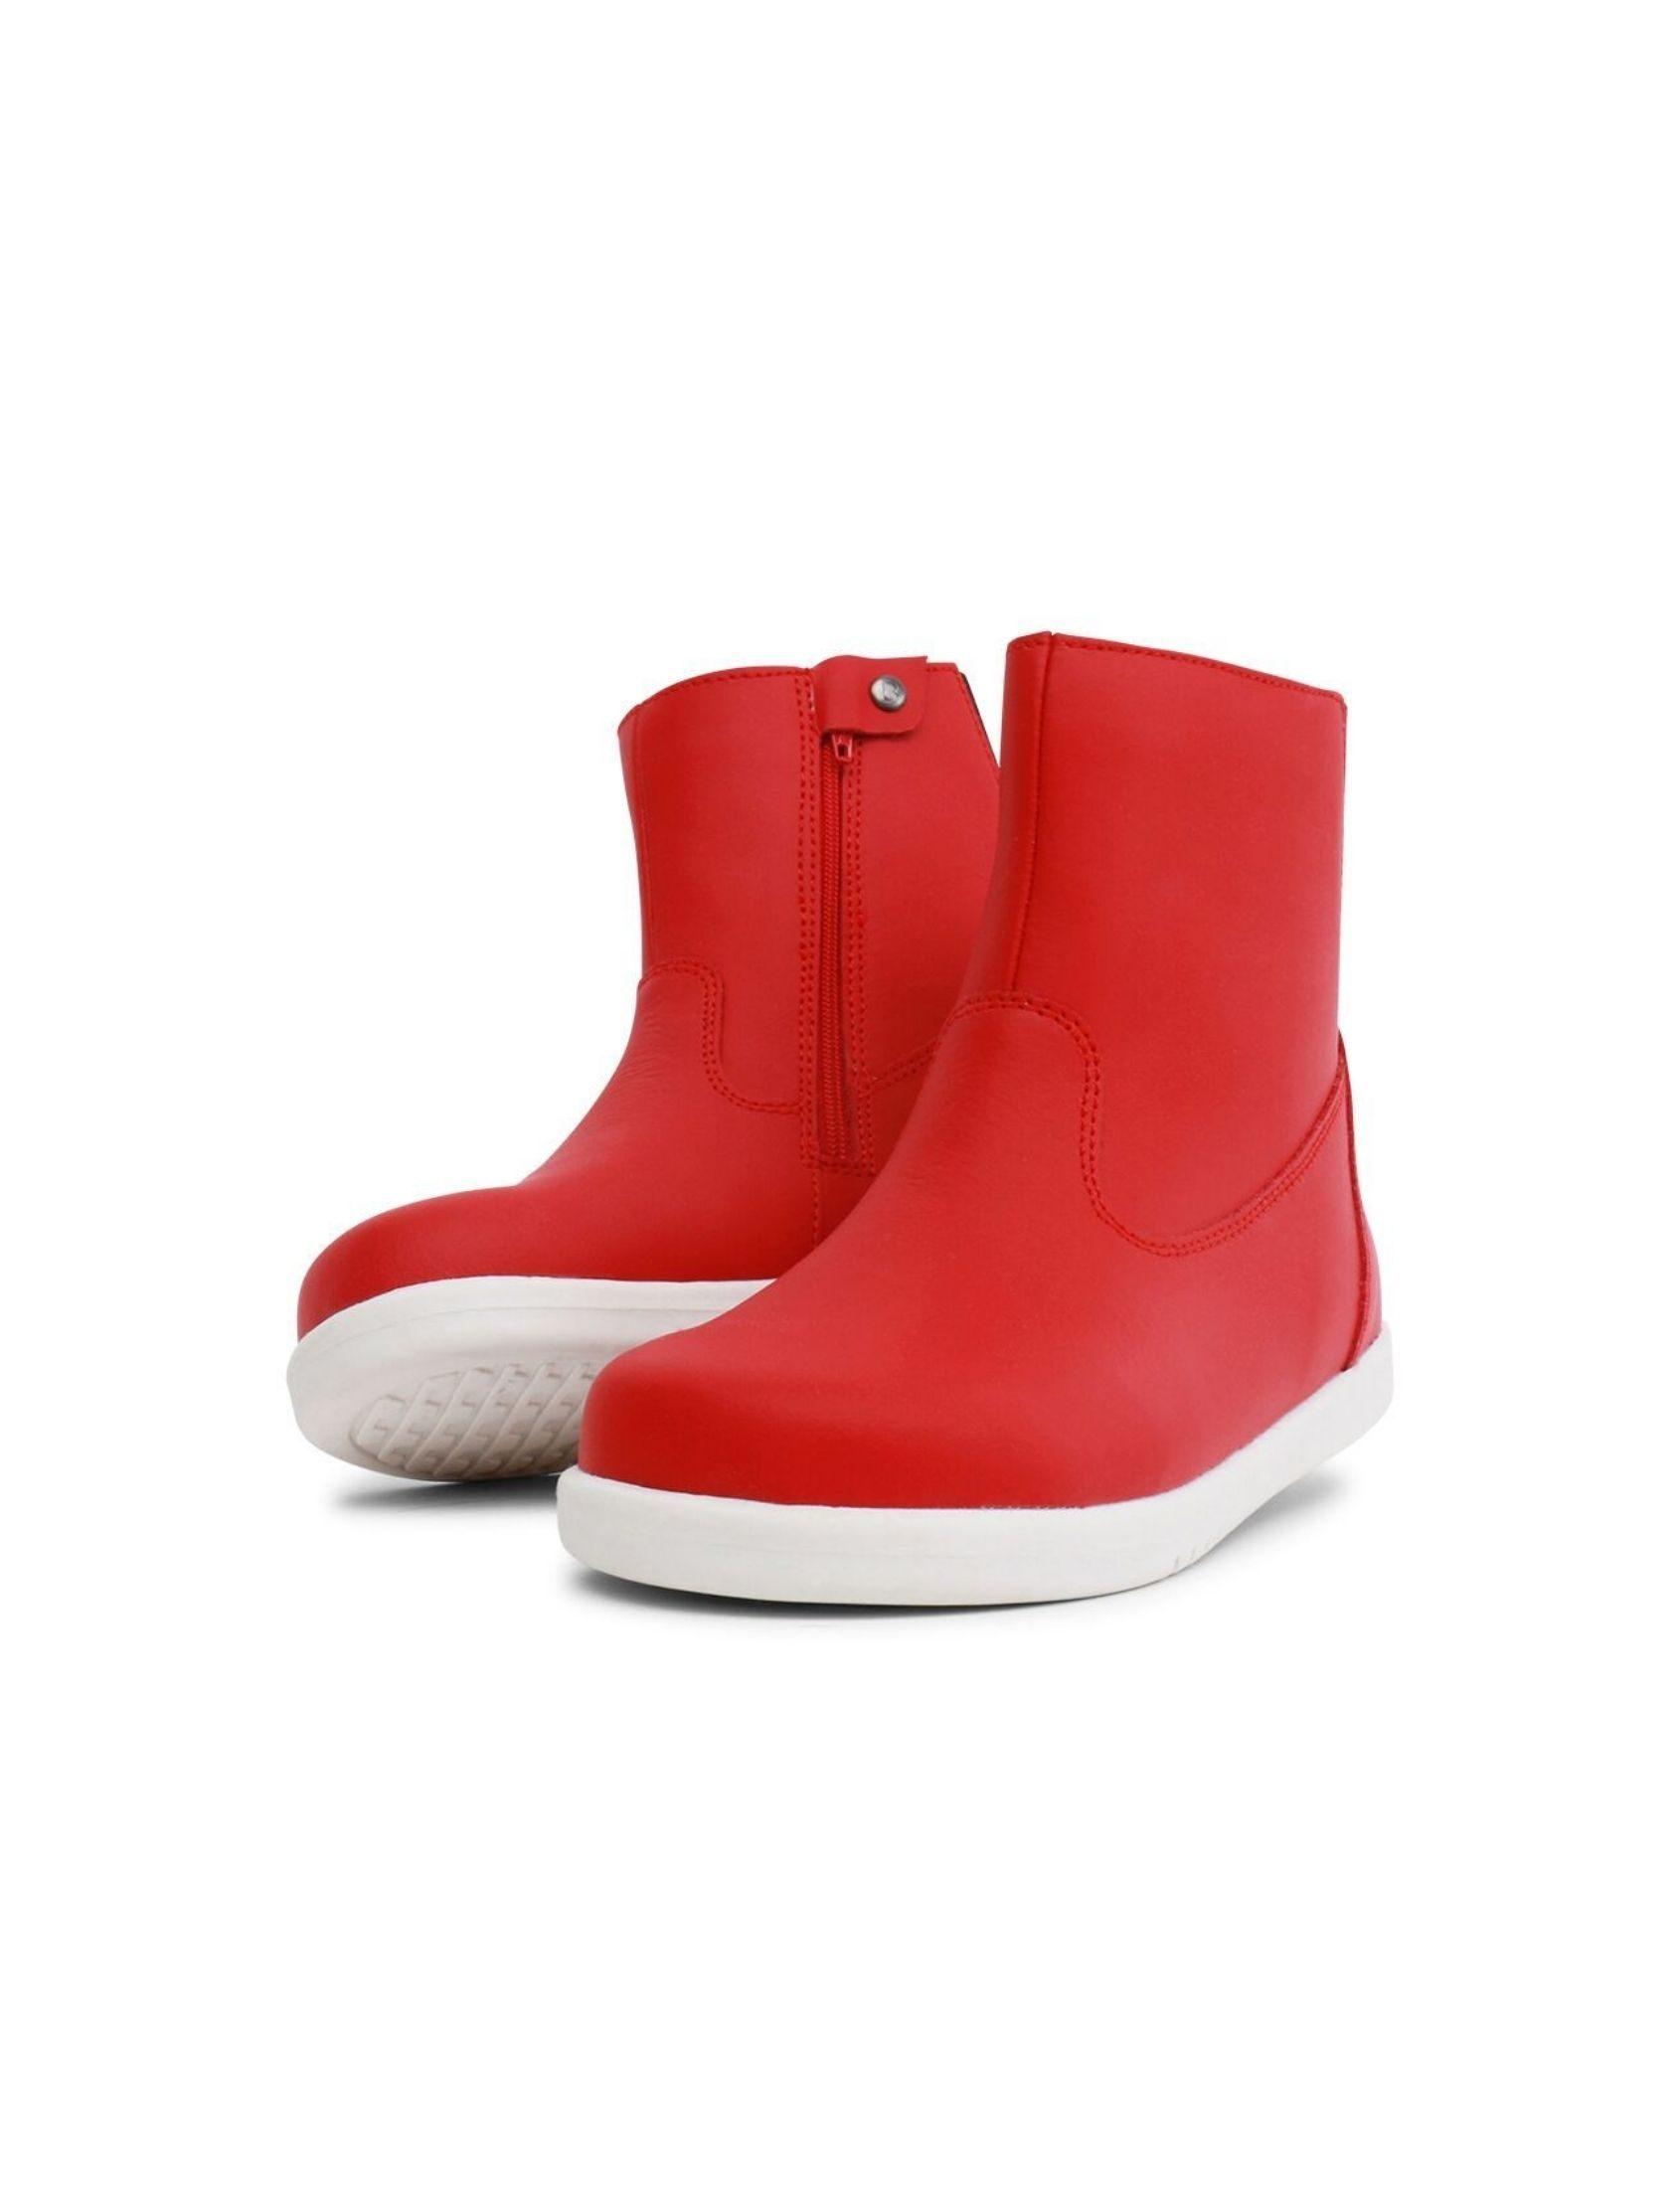 botin iwalk rojo de goma con suela blanca